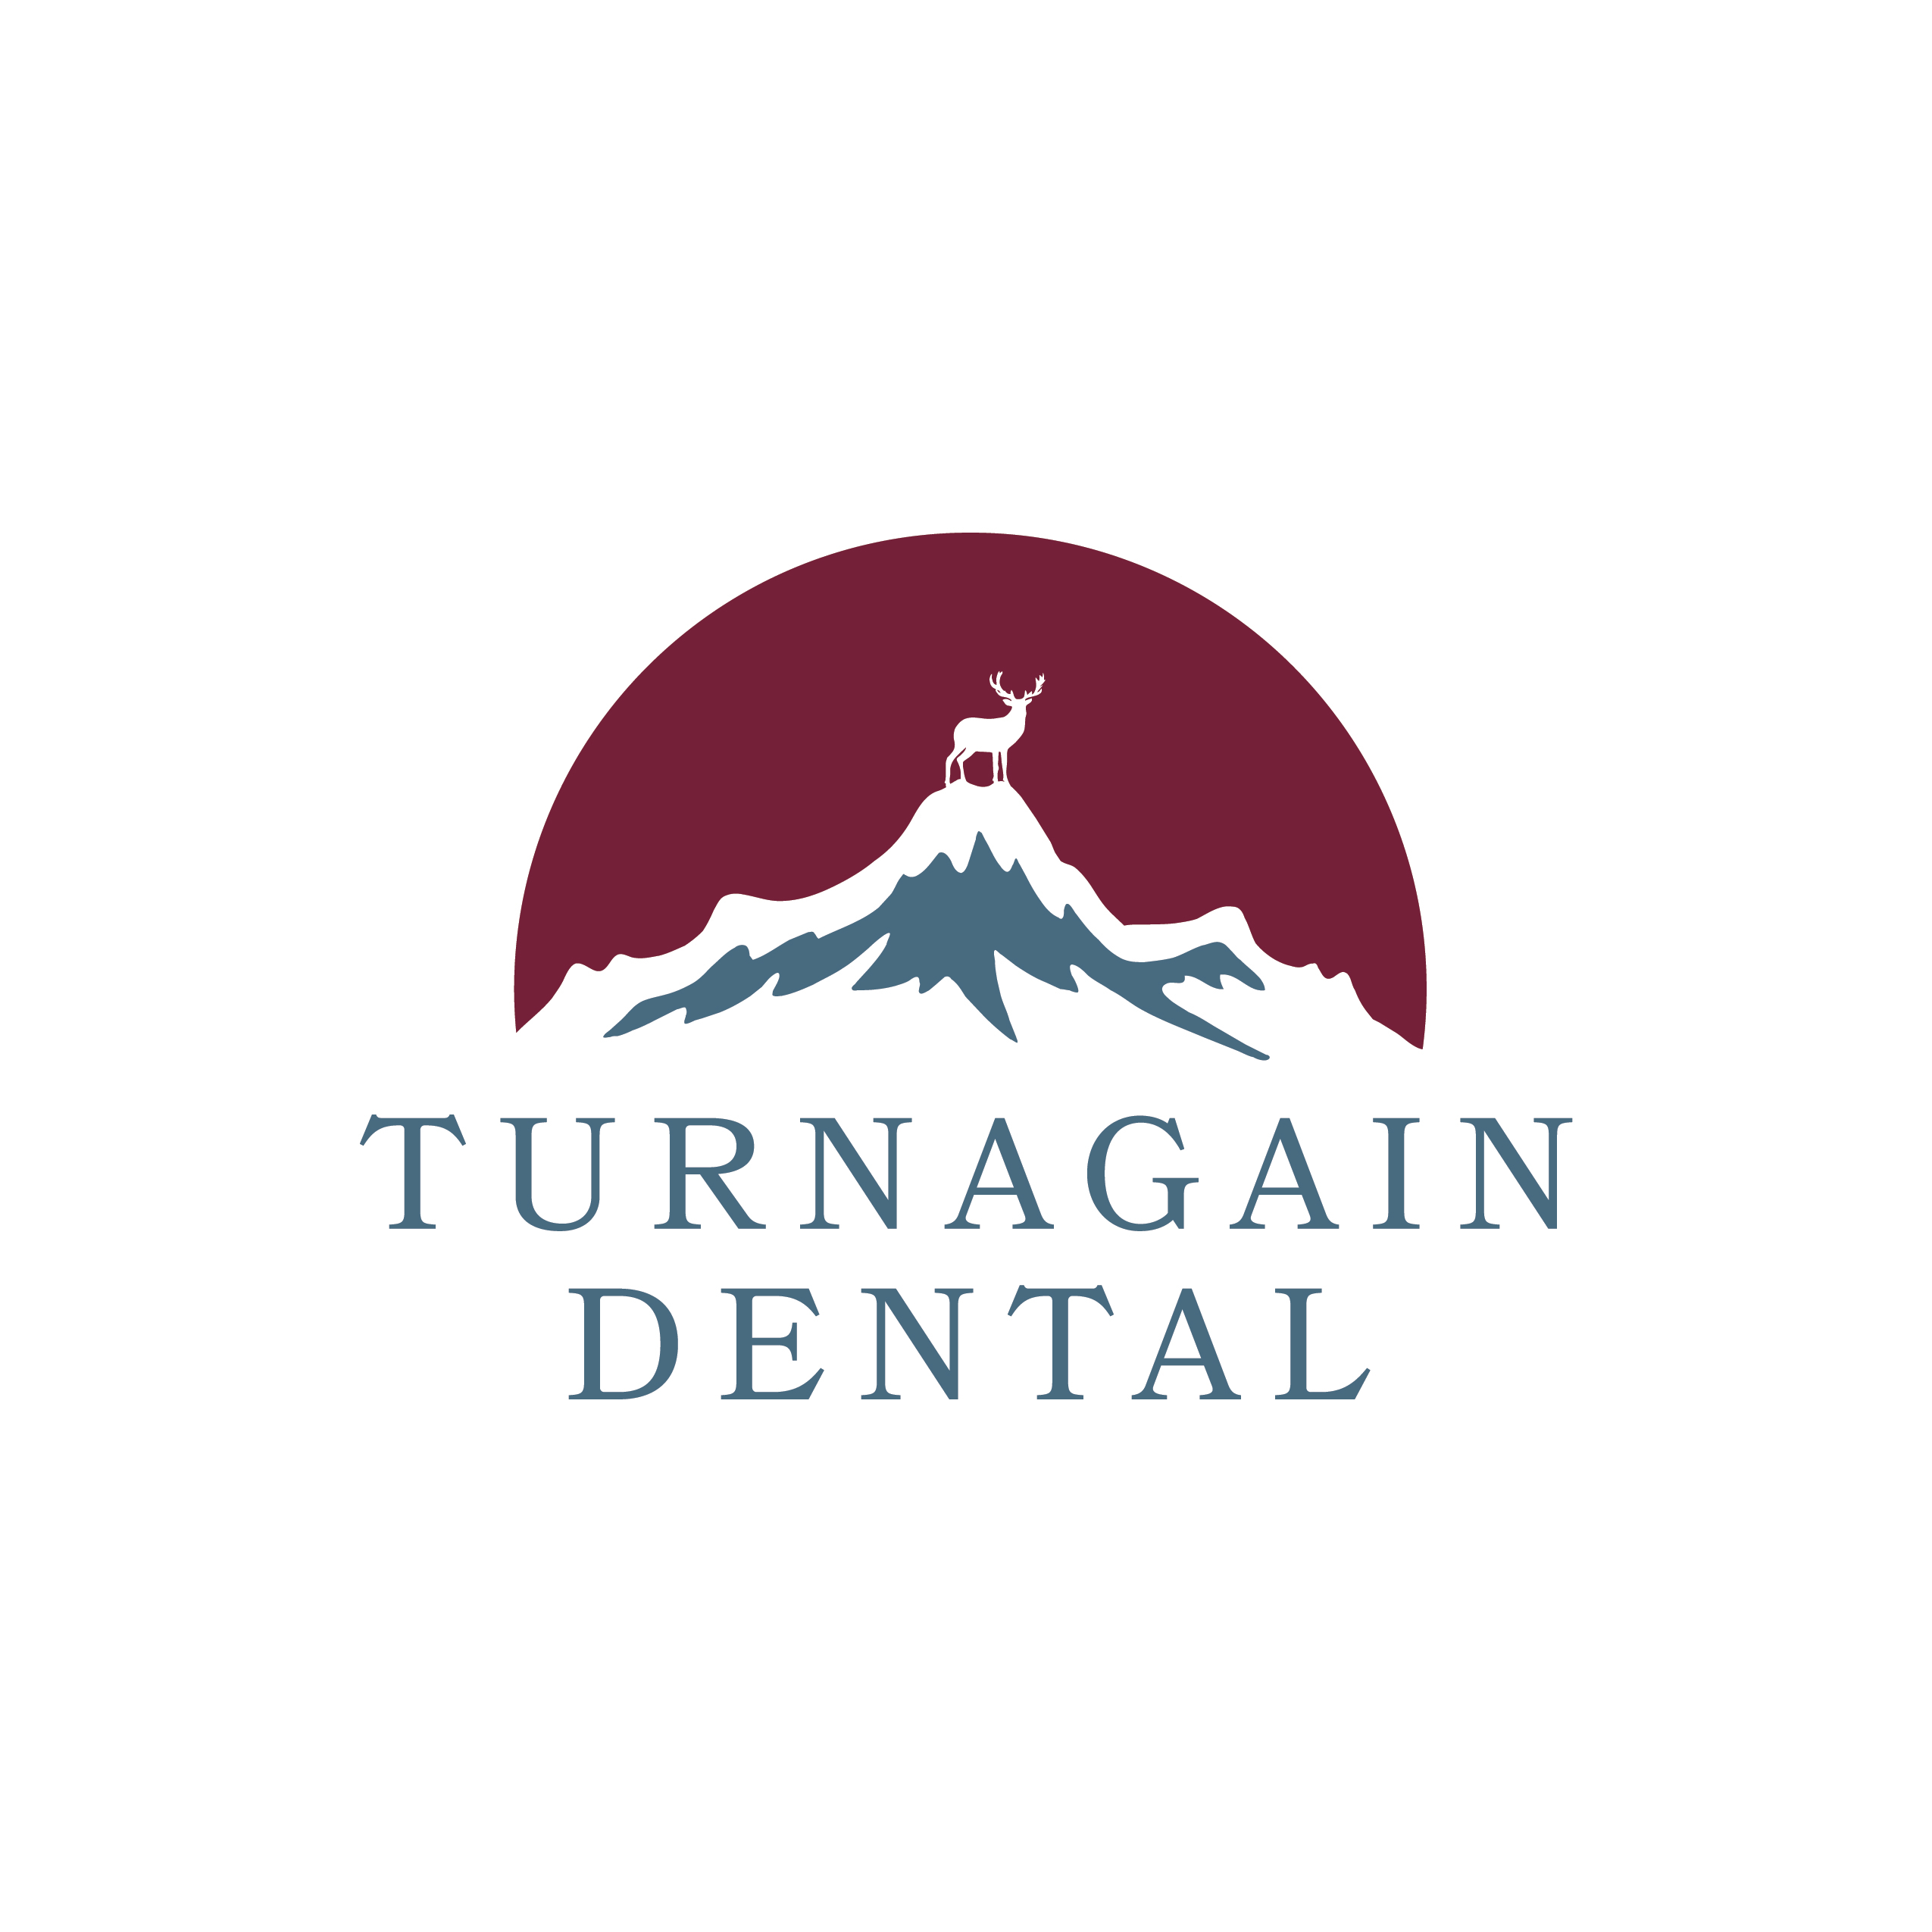 Turnagain Dental